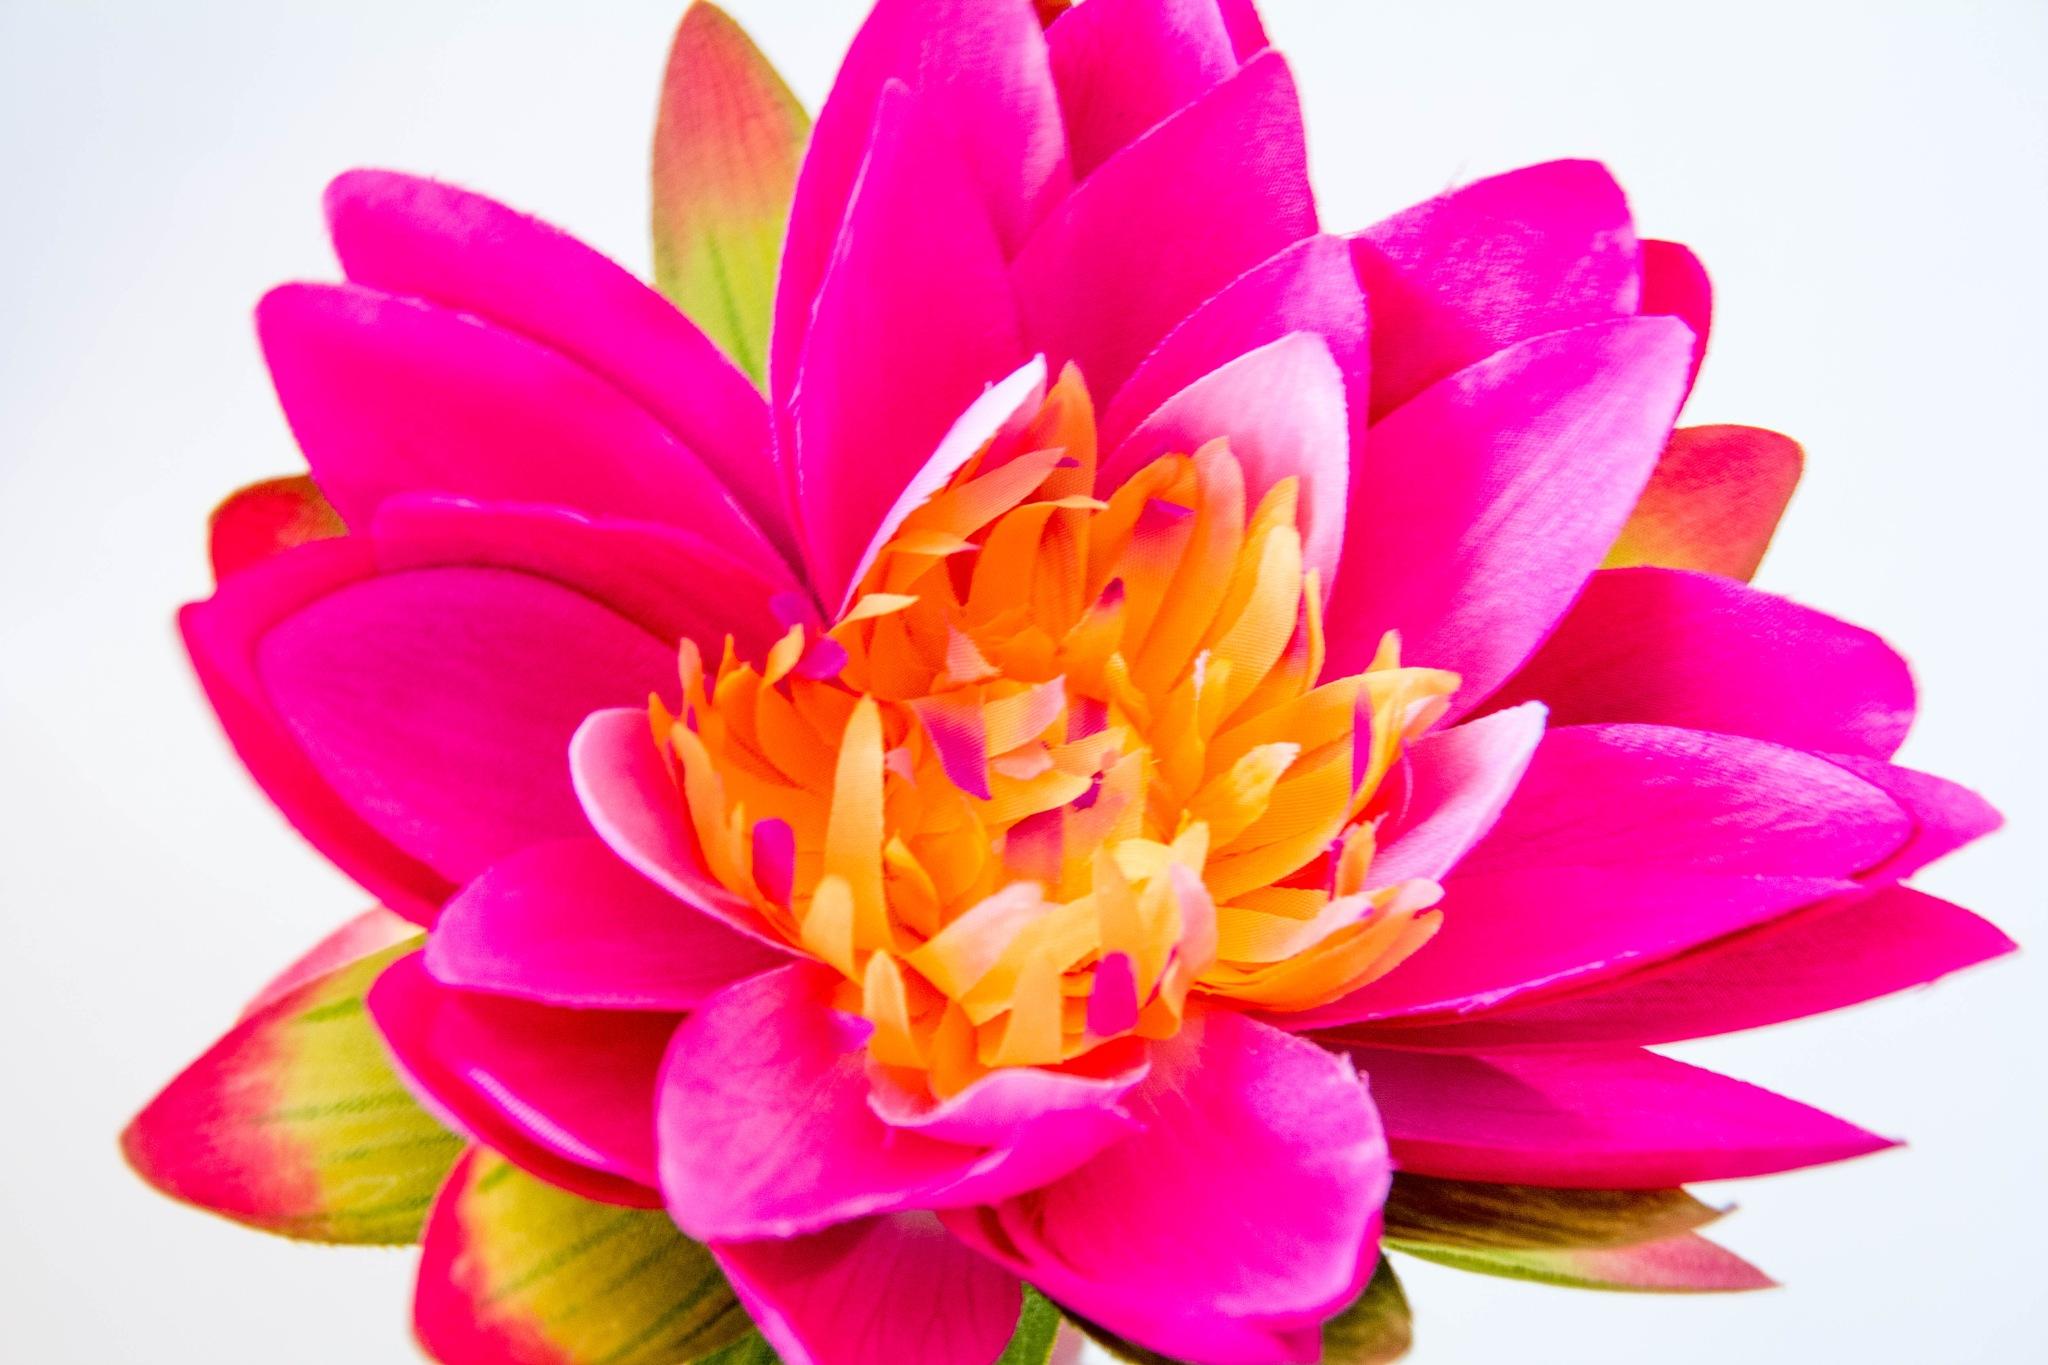 Uma flor côr-de-rosa by Carla Dias